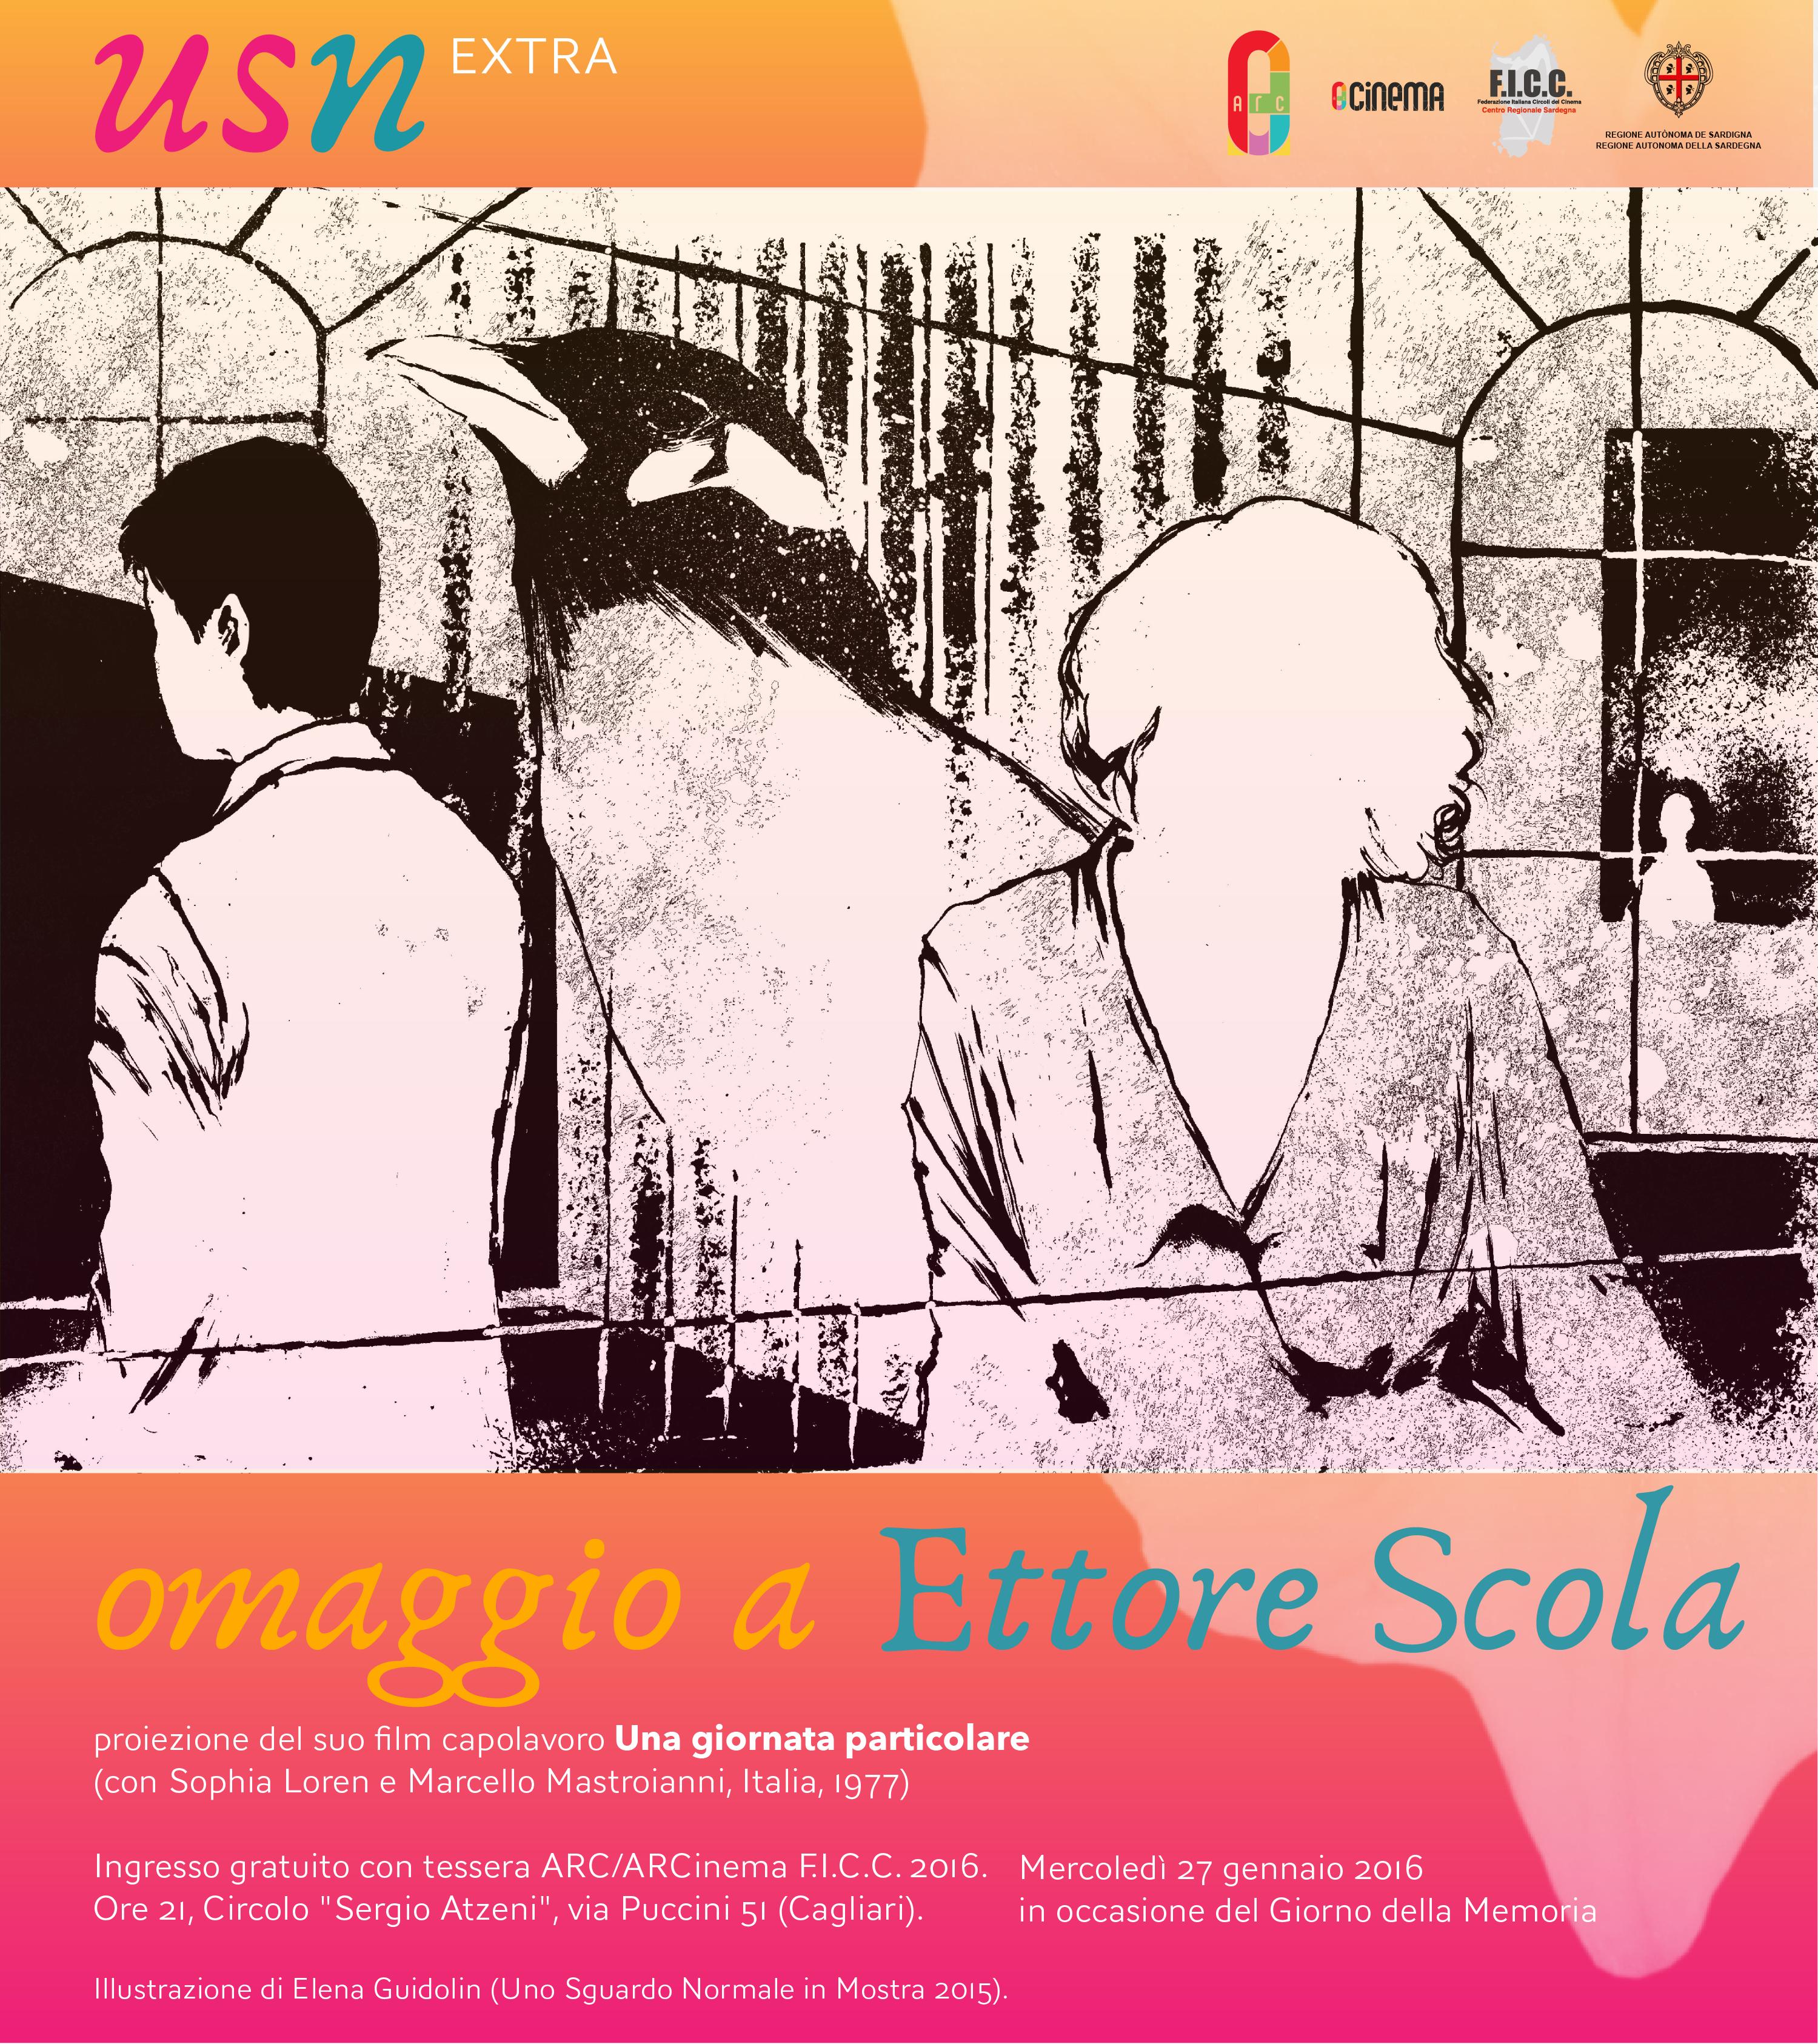 promo_Scola-01-01